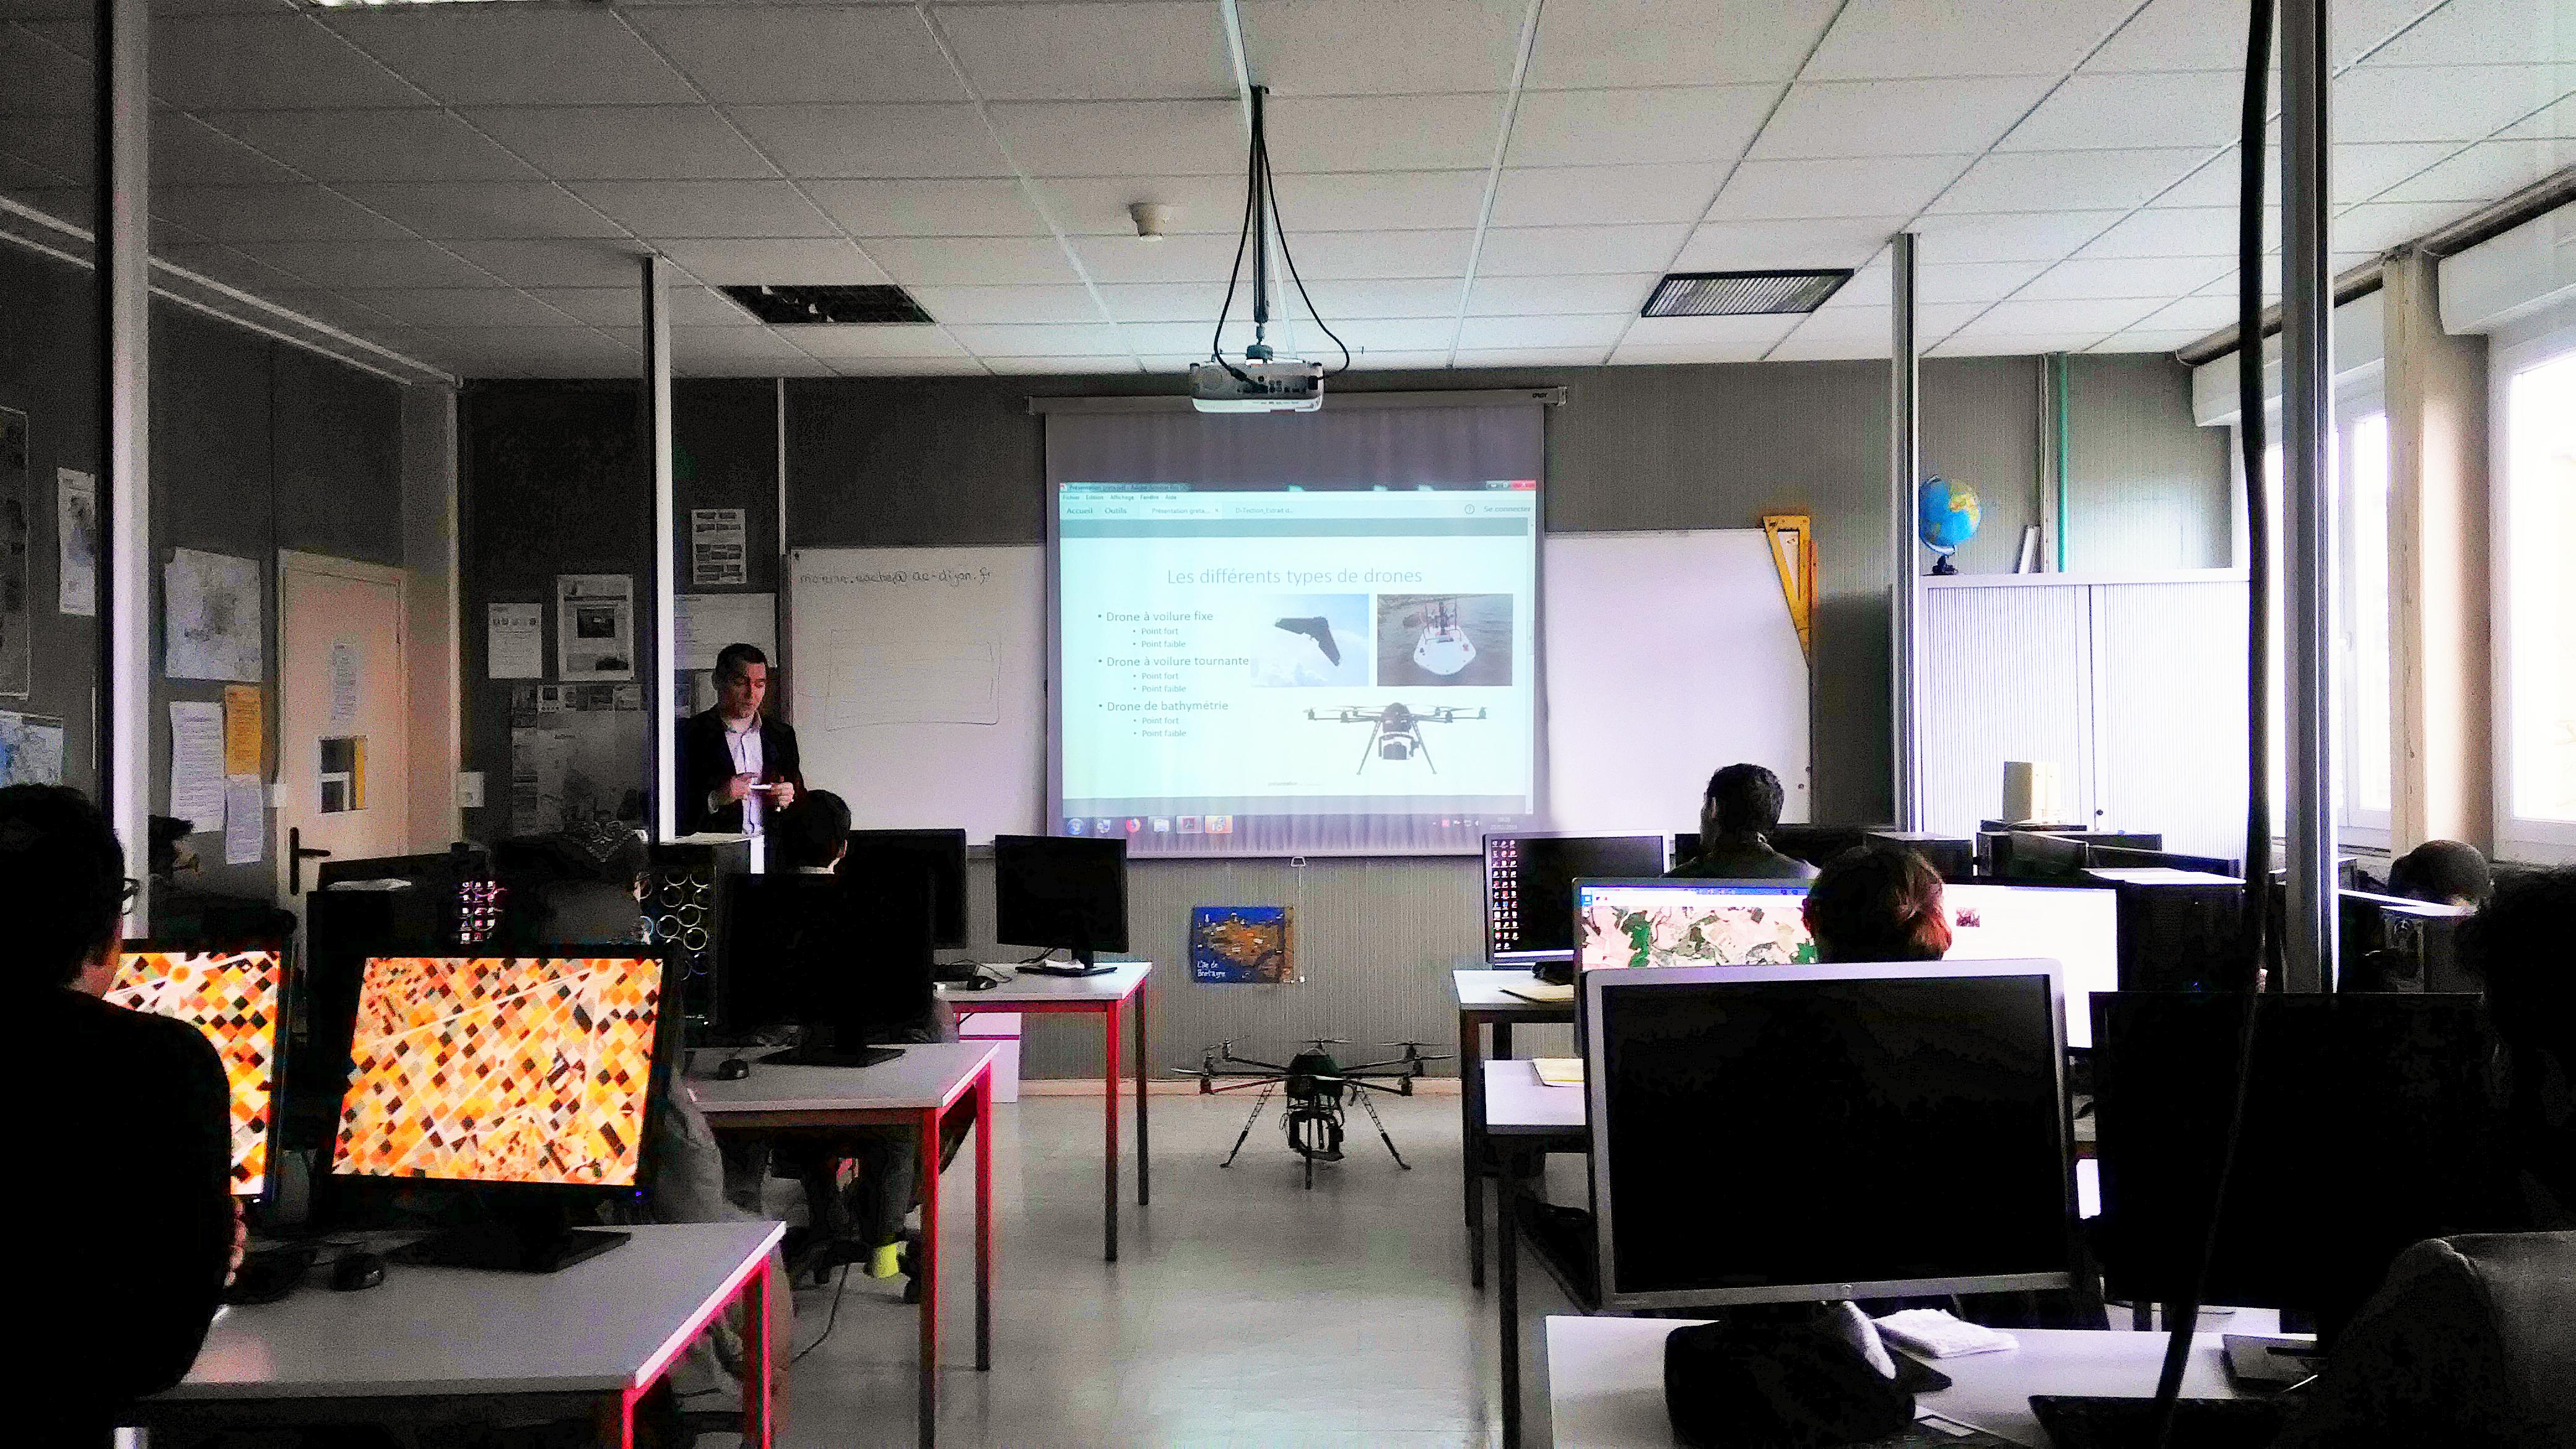 Mr Horton de l'entreprise D-TECTION explique aux stagiaires de la formation Technicien Supérieur en Système d'Information Géographique l'intérêt des drones pour sa société